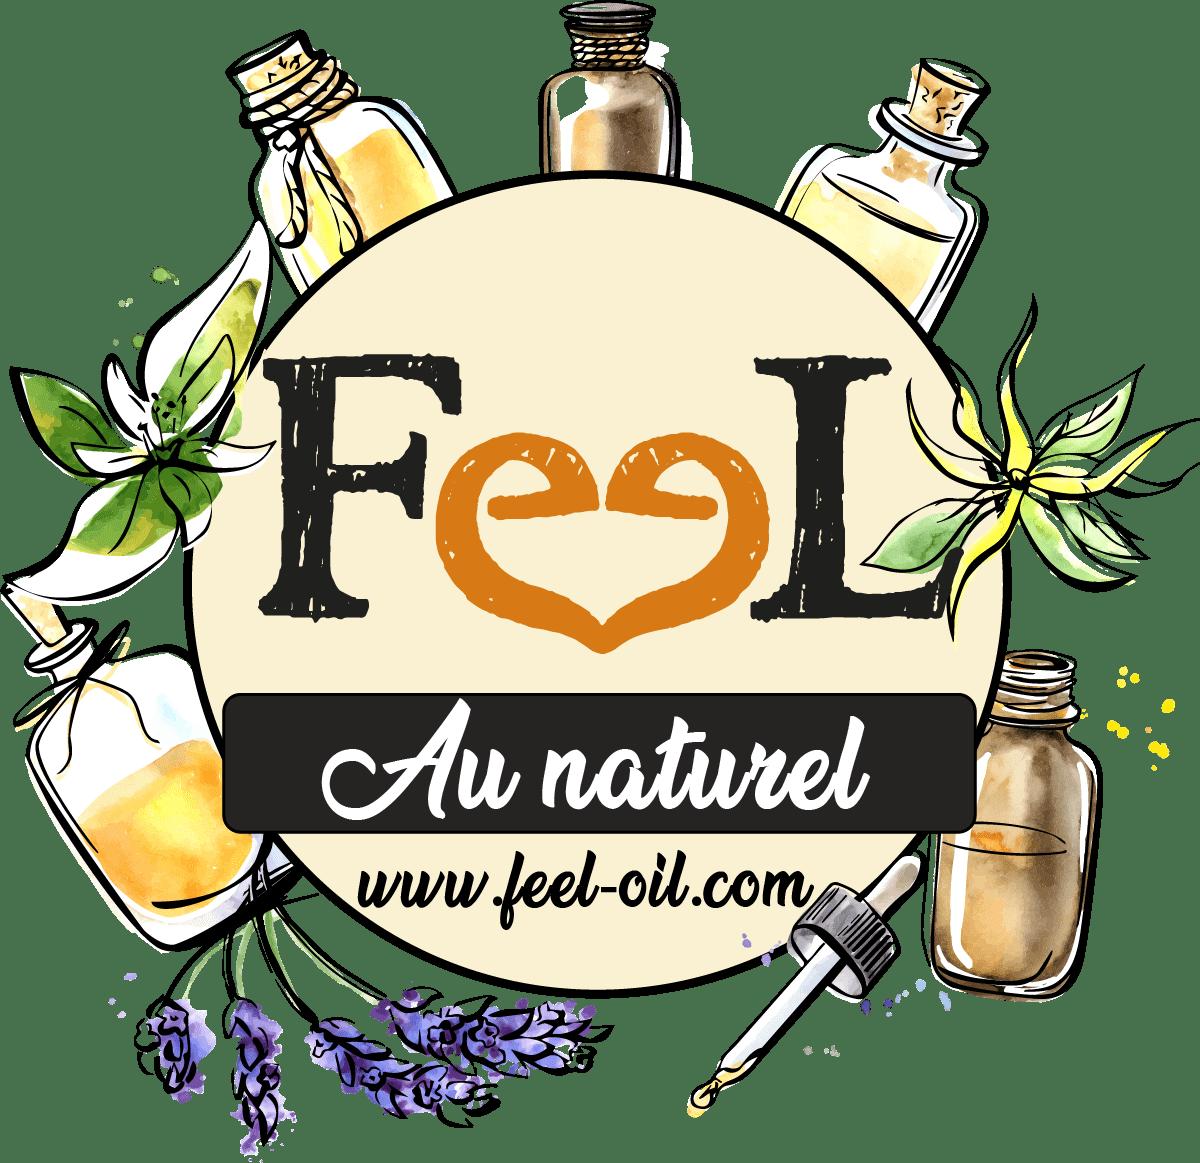 Feel-oil